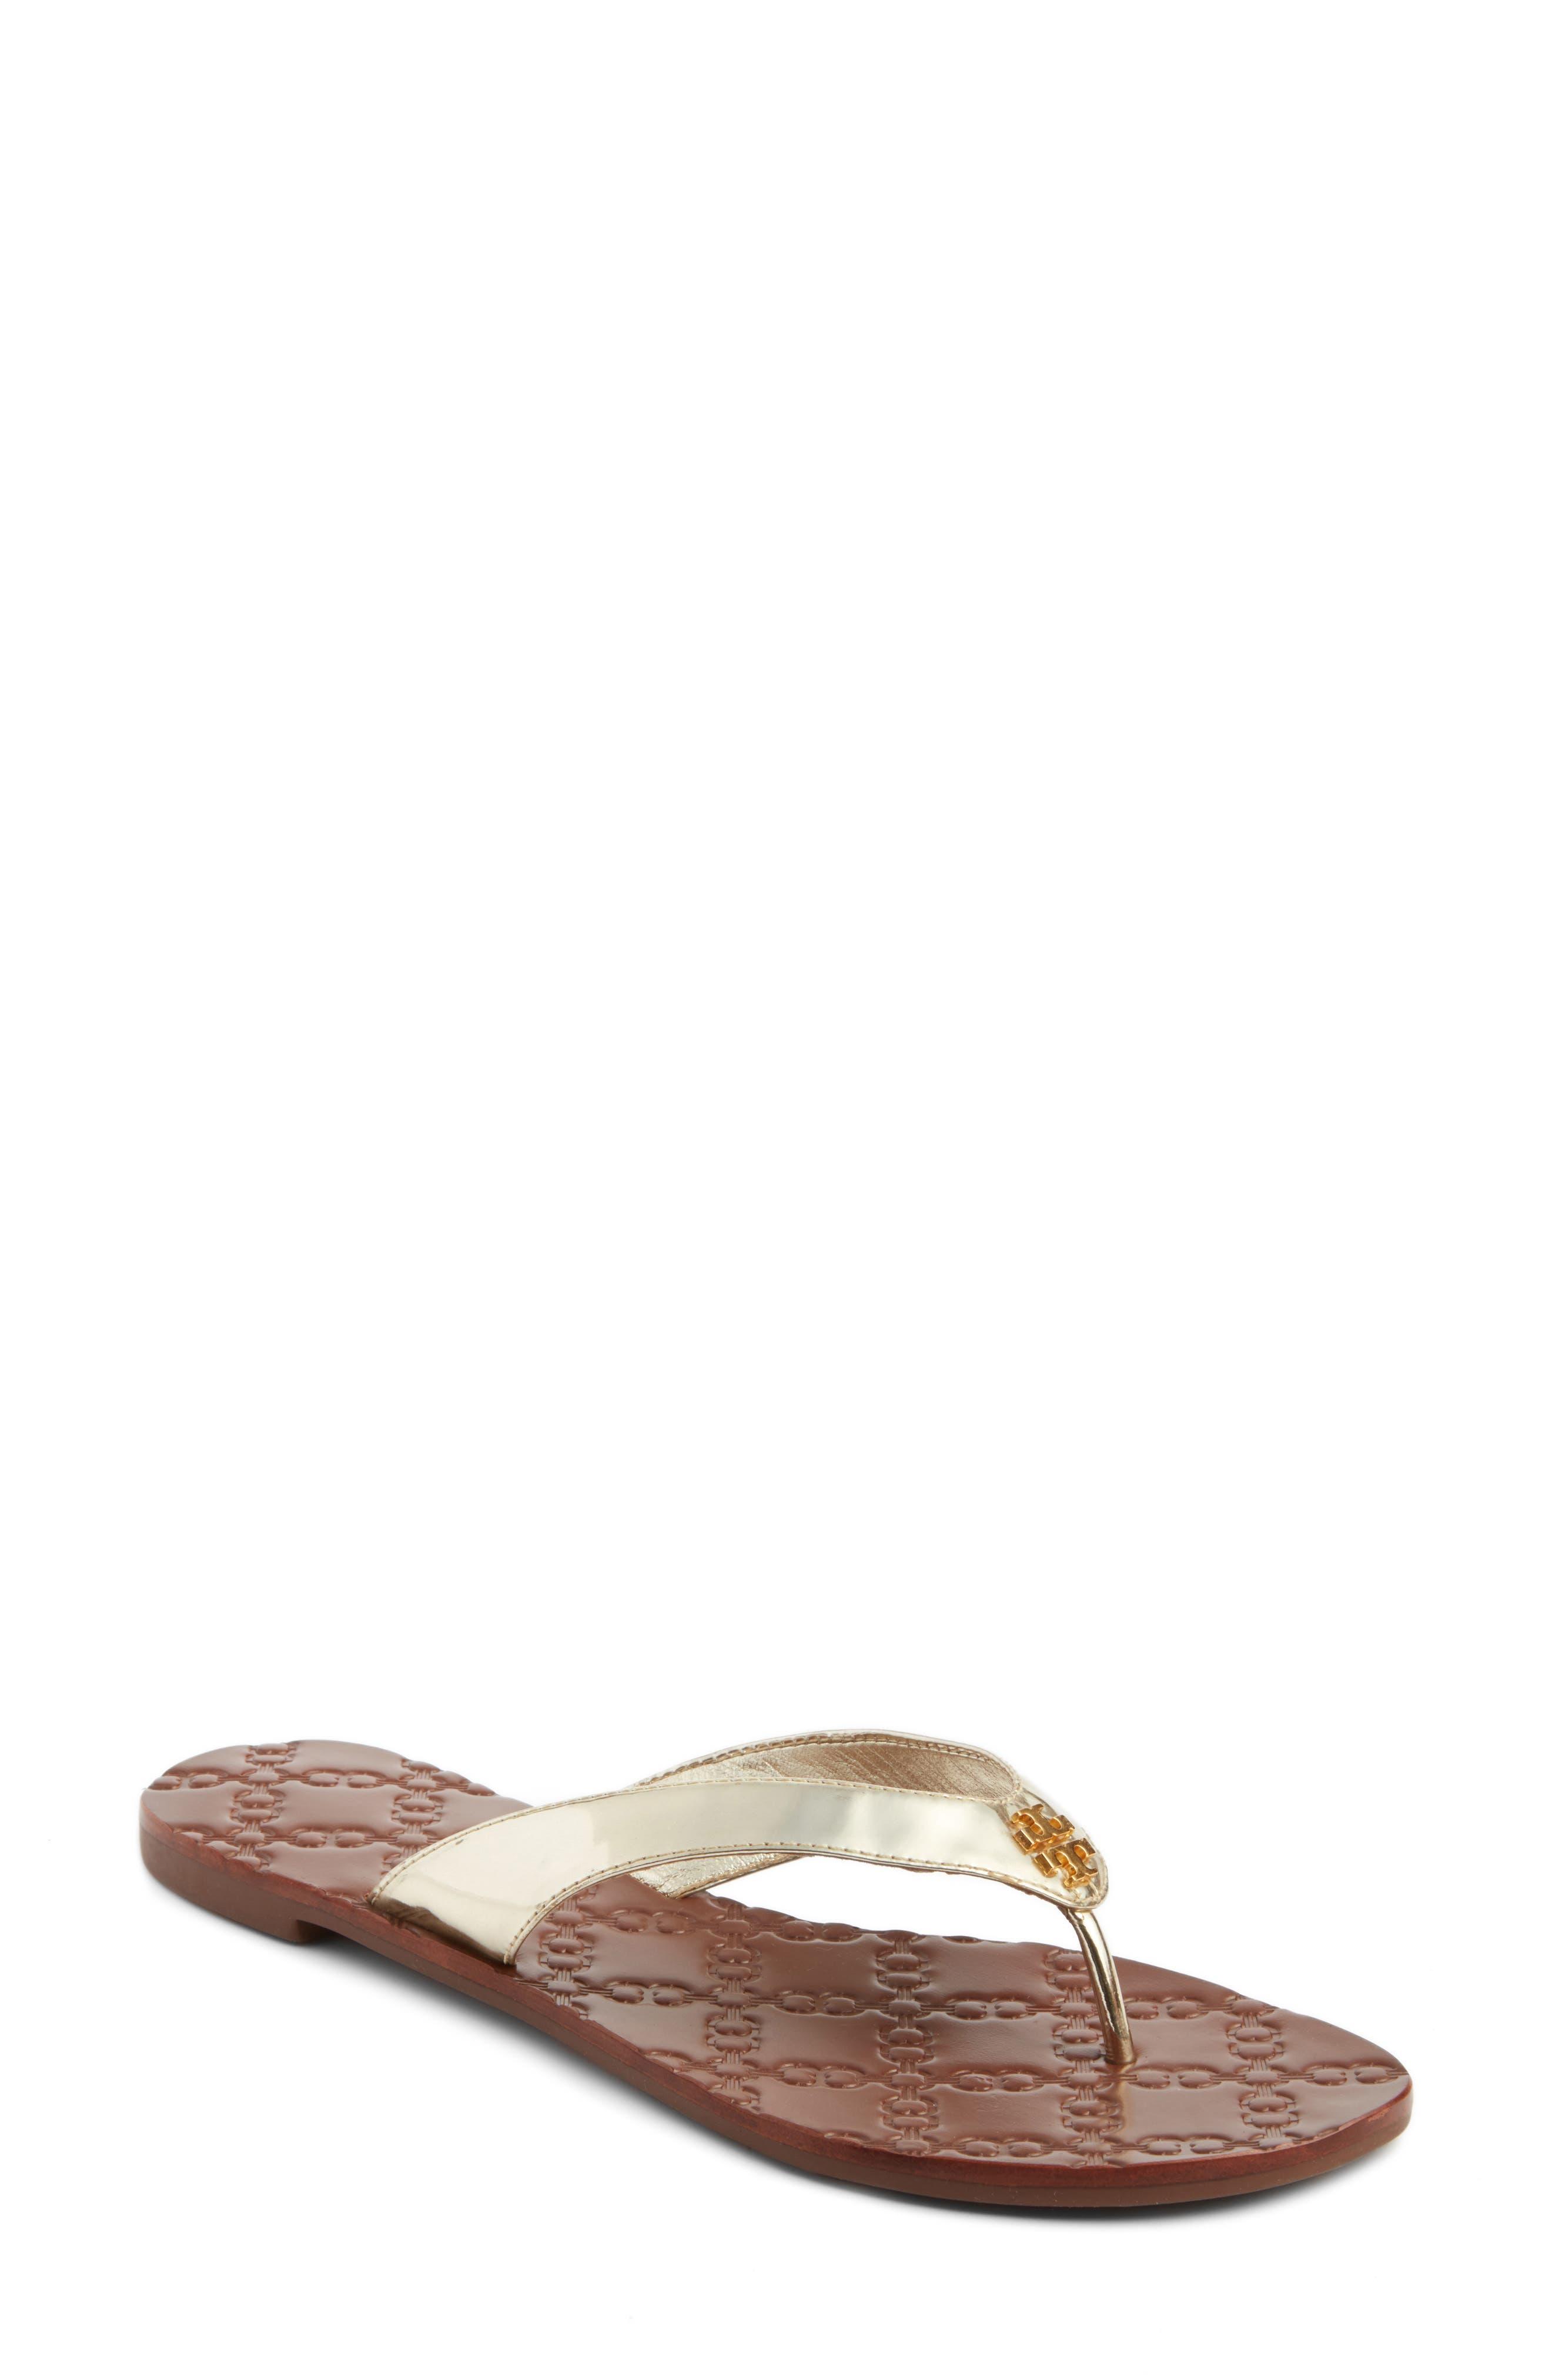 Monroe Flip Flop,                         Main,                         color, GOLD